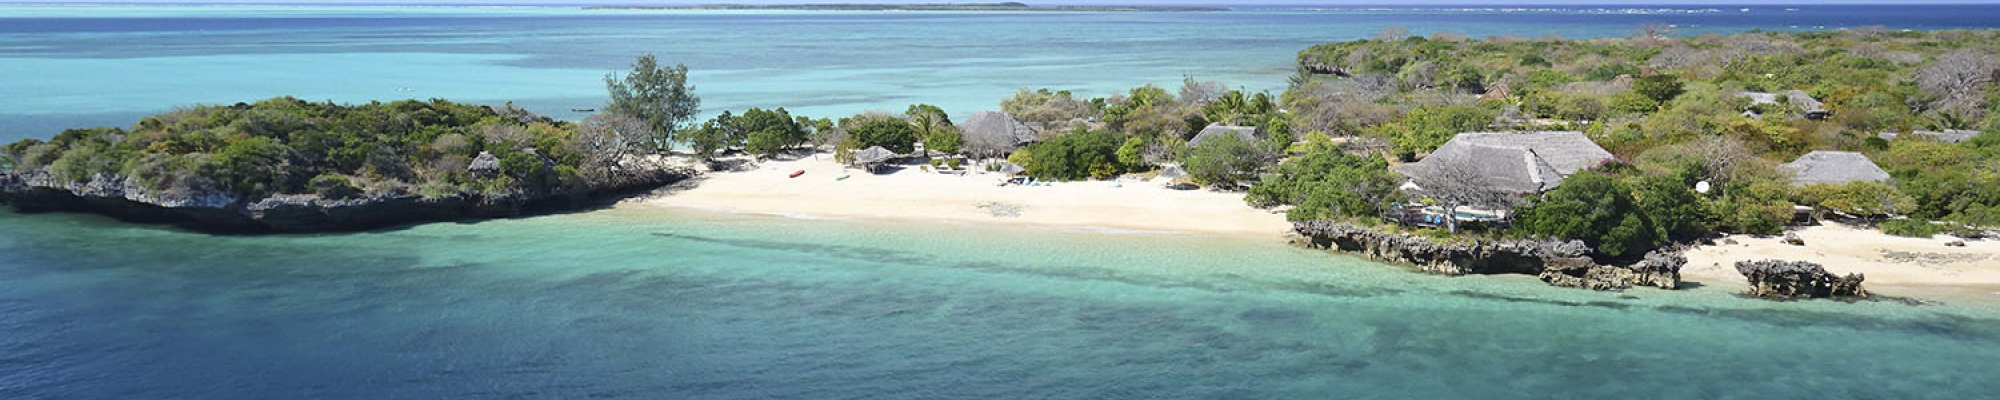 Mozambique Quirimbas